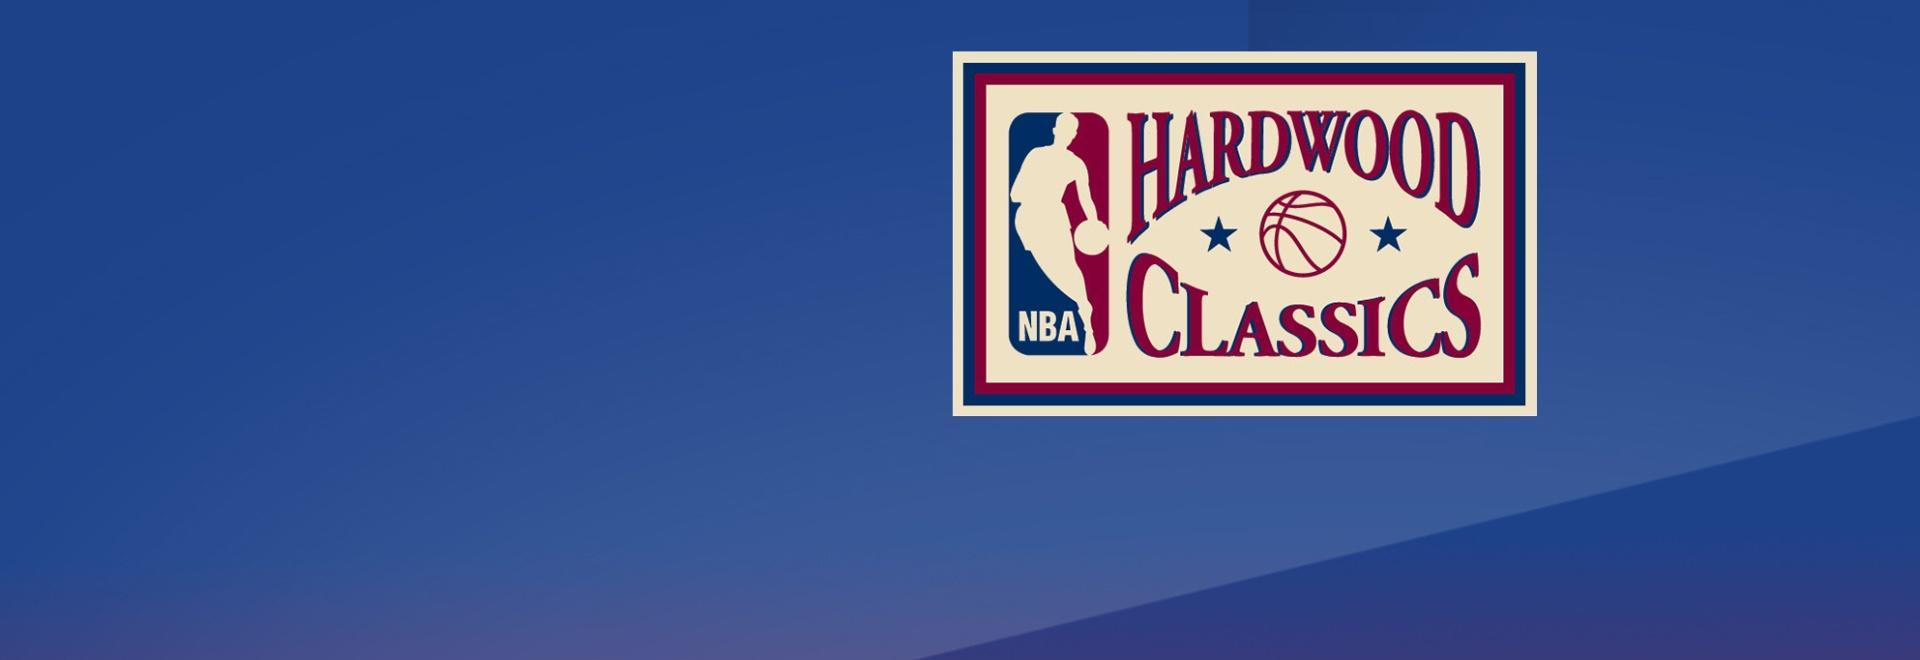 Nets - Spurs 2003. Game 6. NBA Finals